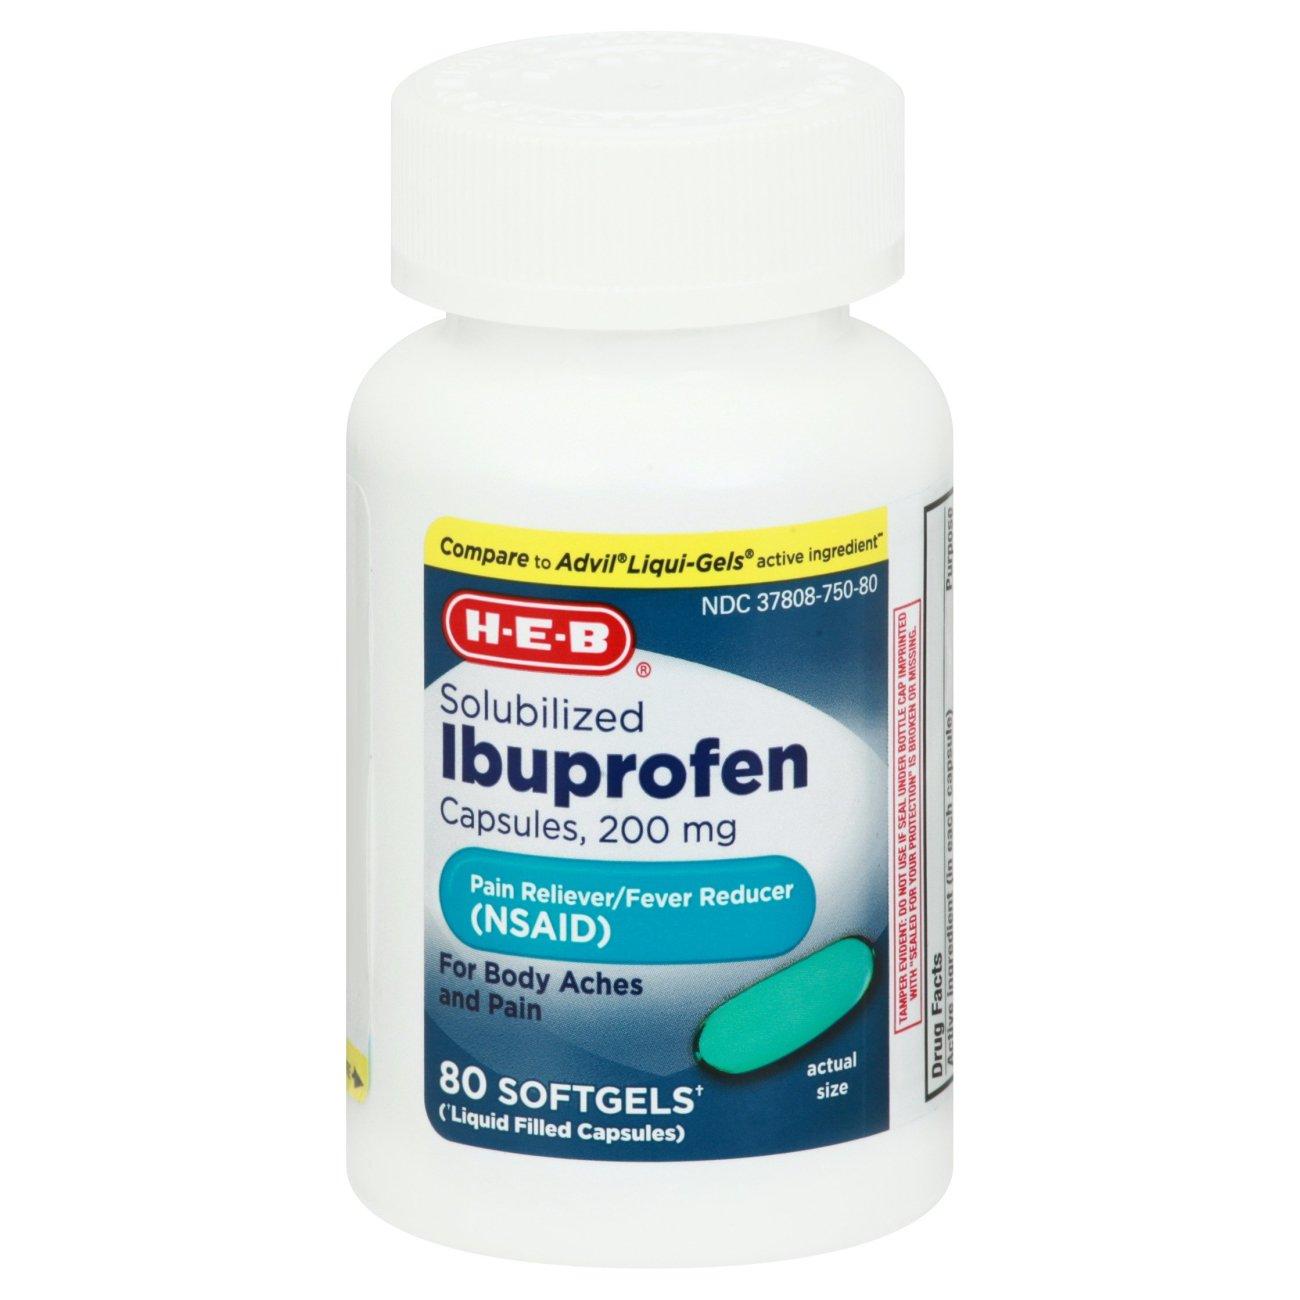 H-E-B Ibuprofen 200 Mg Softgels - Shop